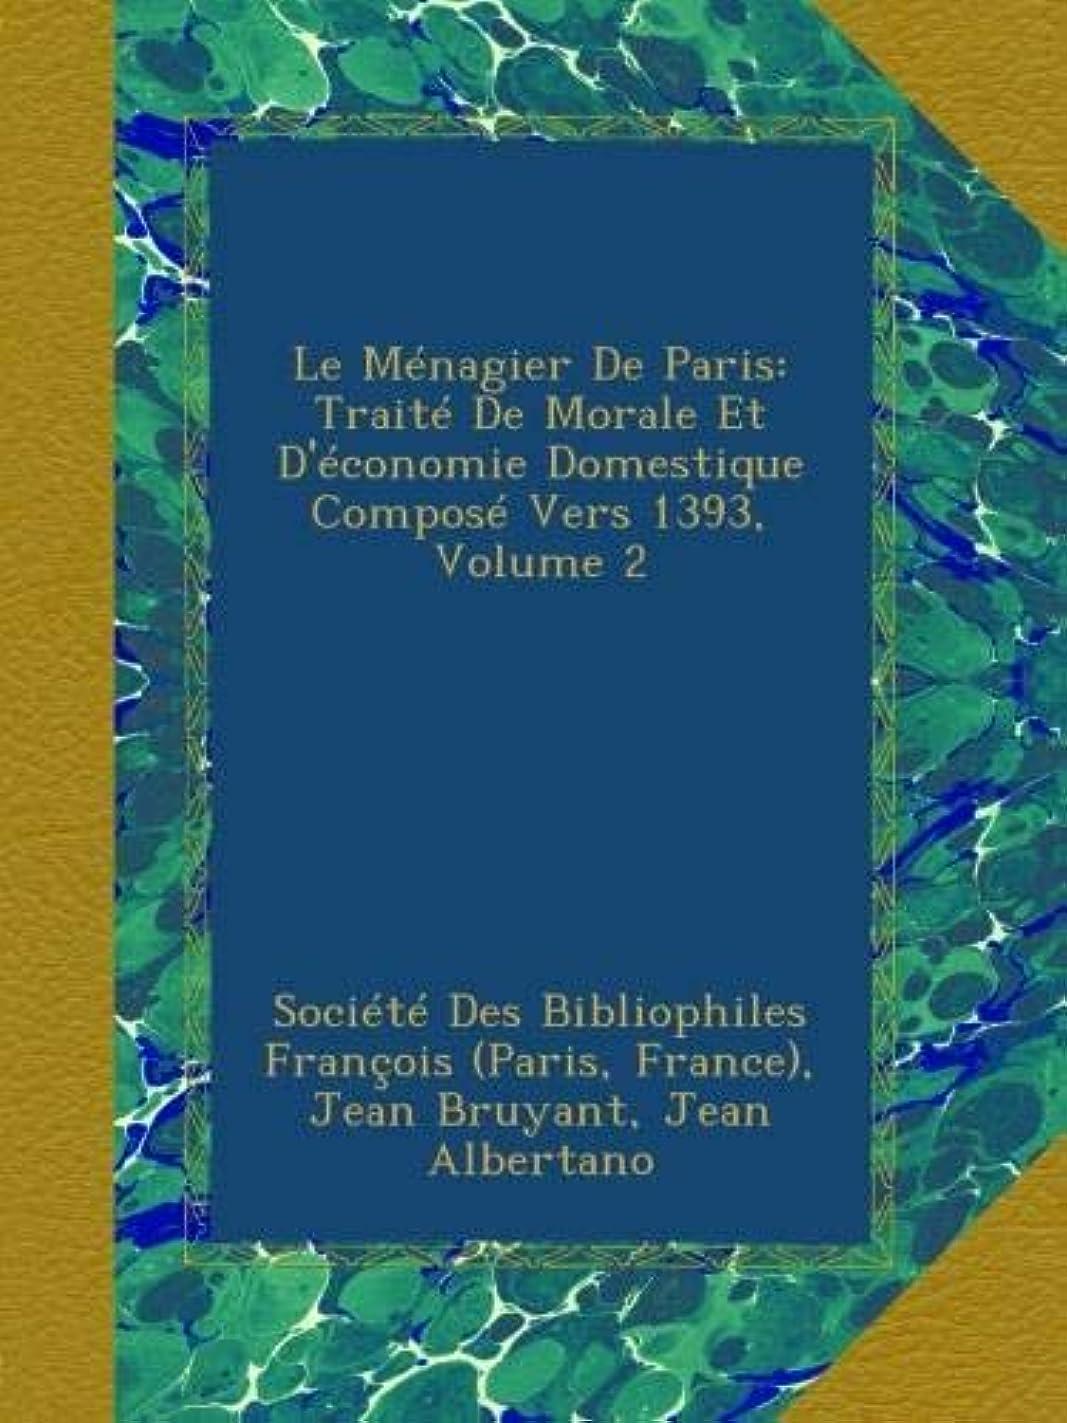 統合するキネマティクス哺乳類Le Ménagier De Paris: Traité De Morale Et D'économie Domestique Composé Vers 1393, Volume 2